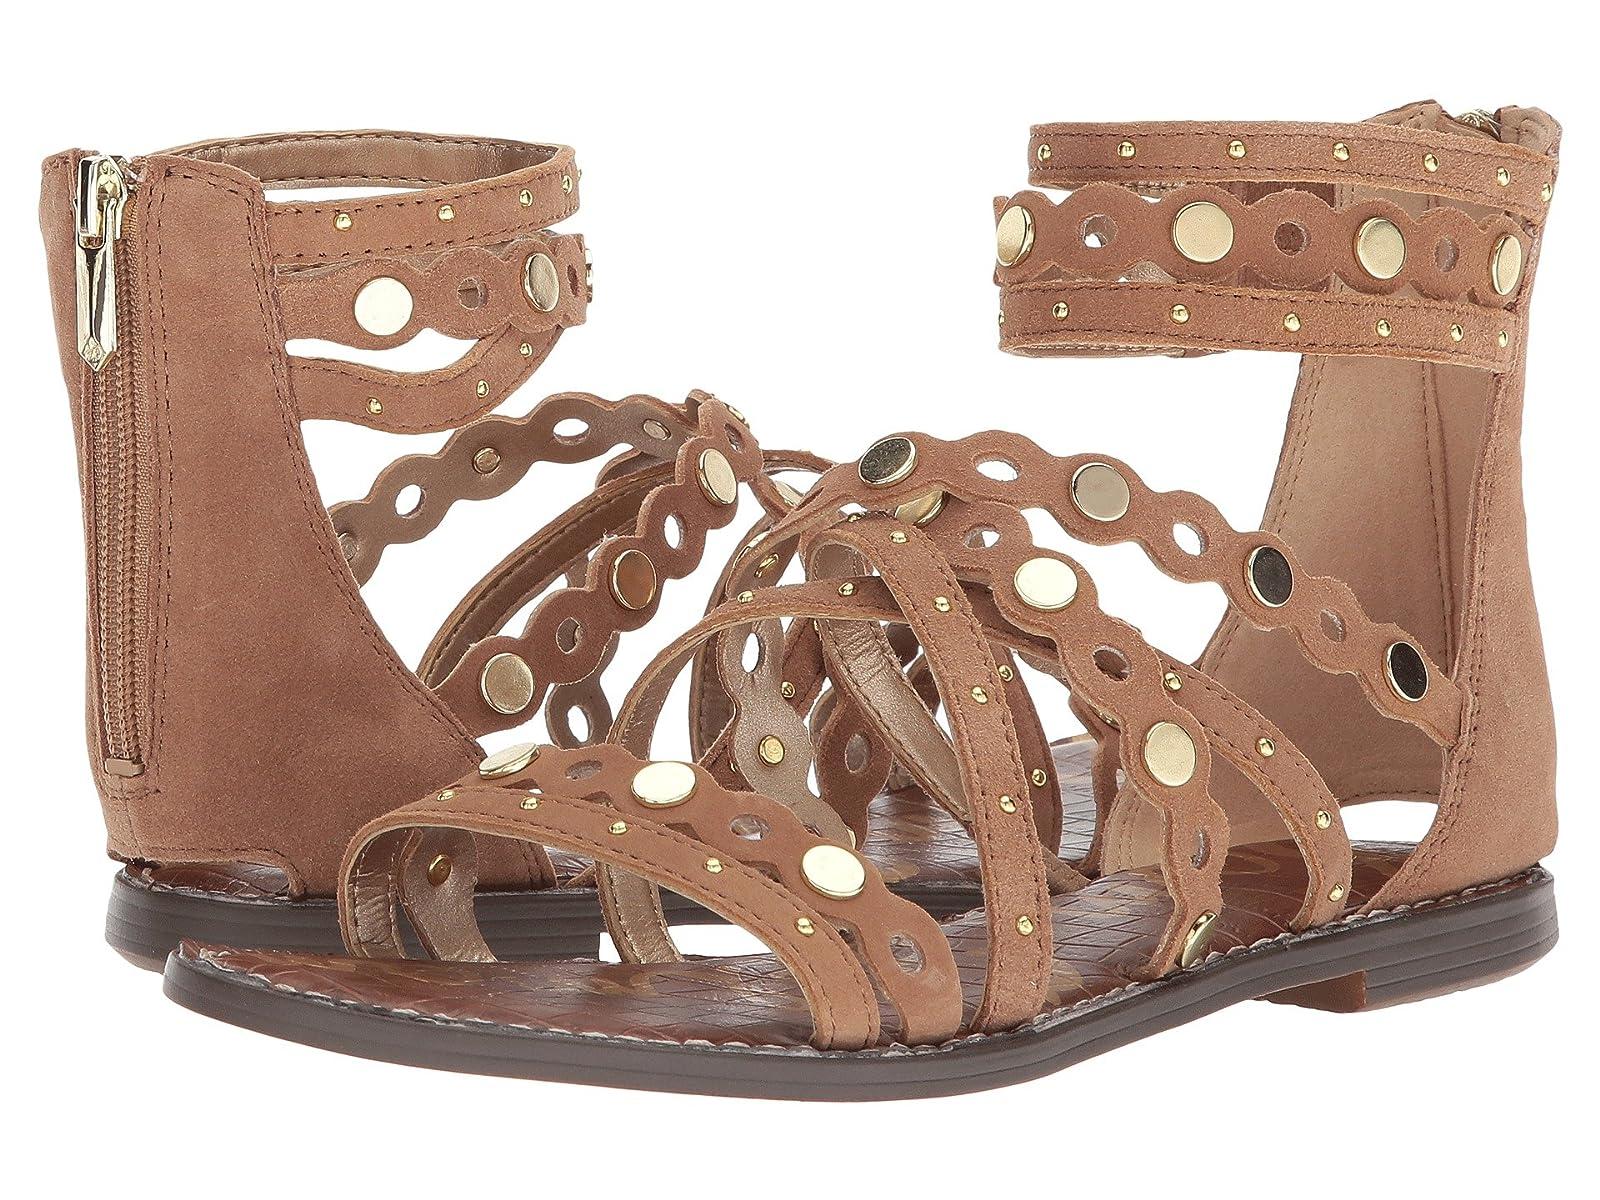 Sam Edelman GerenAtmospheric grades have affordable shoes